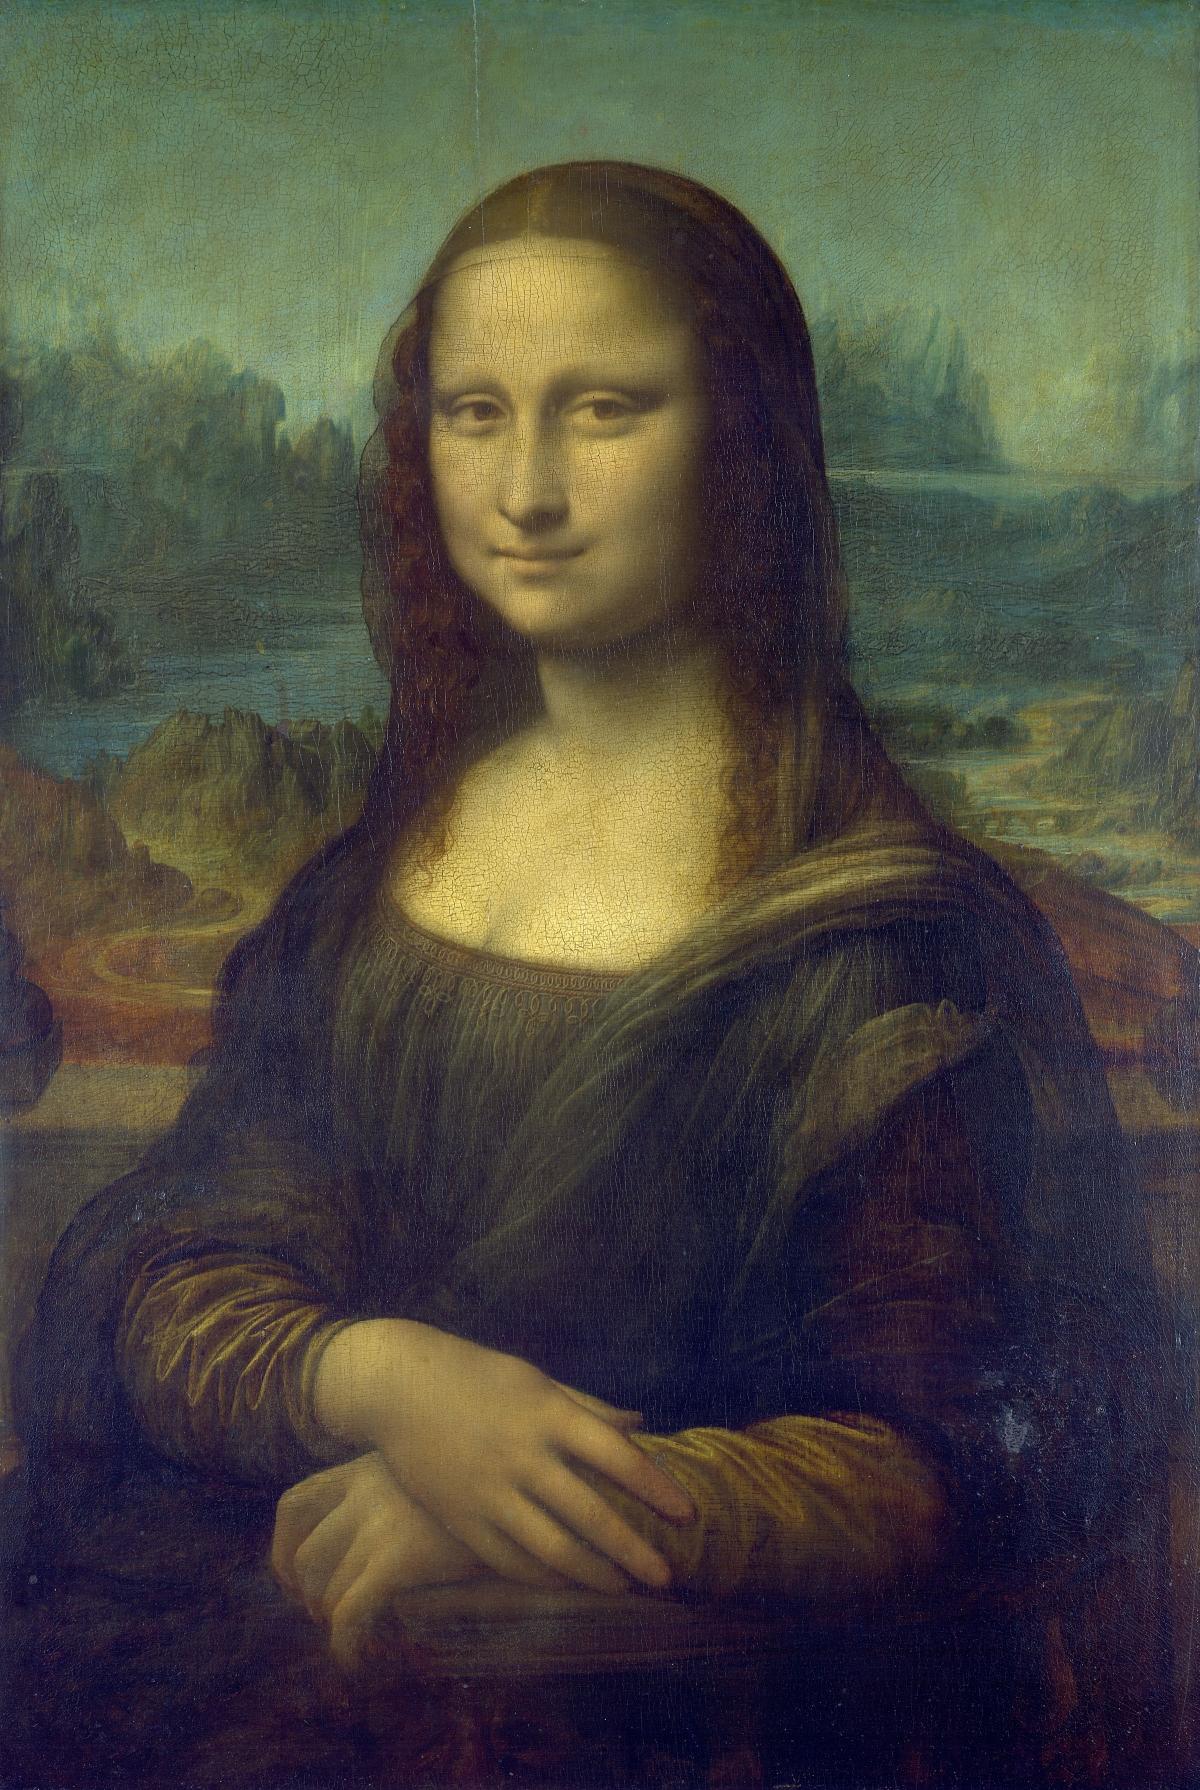 La Joconde tableau peint par Léonard de Vinci